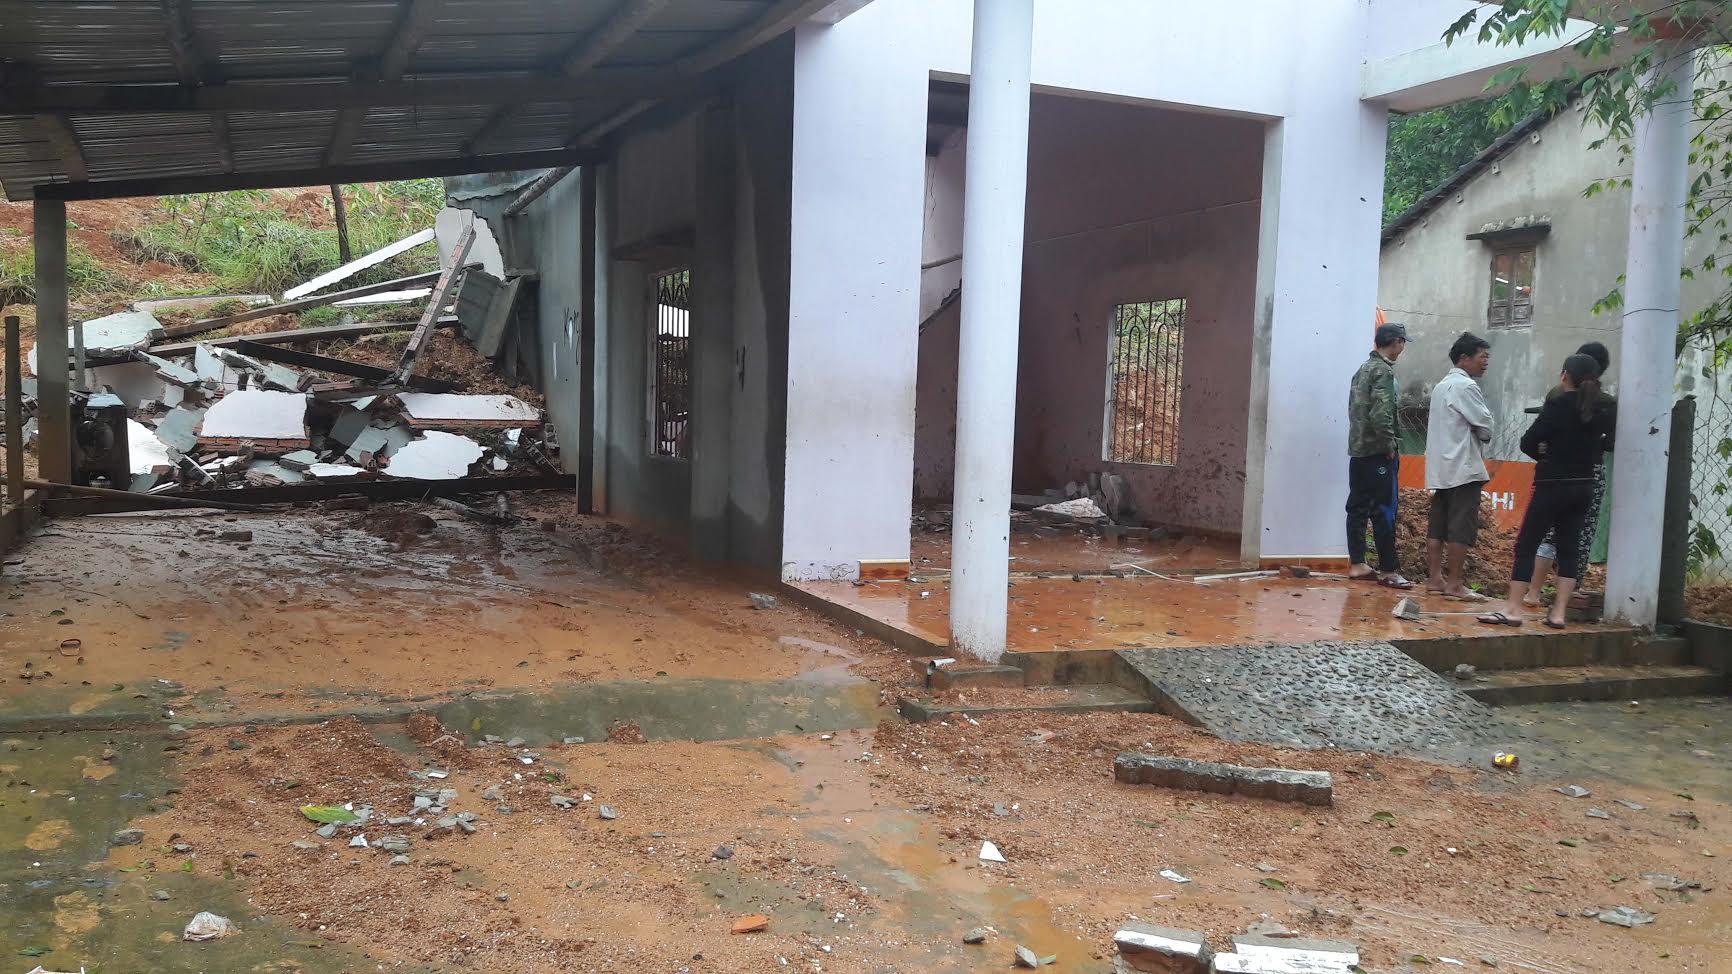 Ngôi nhà của anh Nguyễn Hữu Phước, tổ Đoàn Nước, thị trấn Bắc Trà My đã bị một khối lượng lớn đất đá đổ ập xuống làm sập hoàn toàn ngôi nhà.